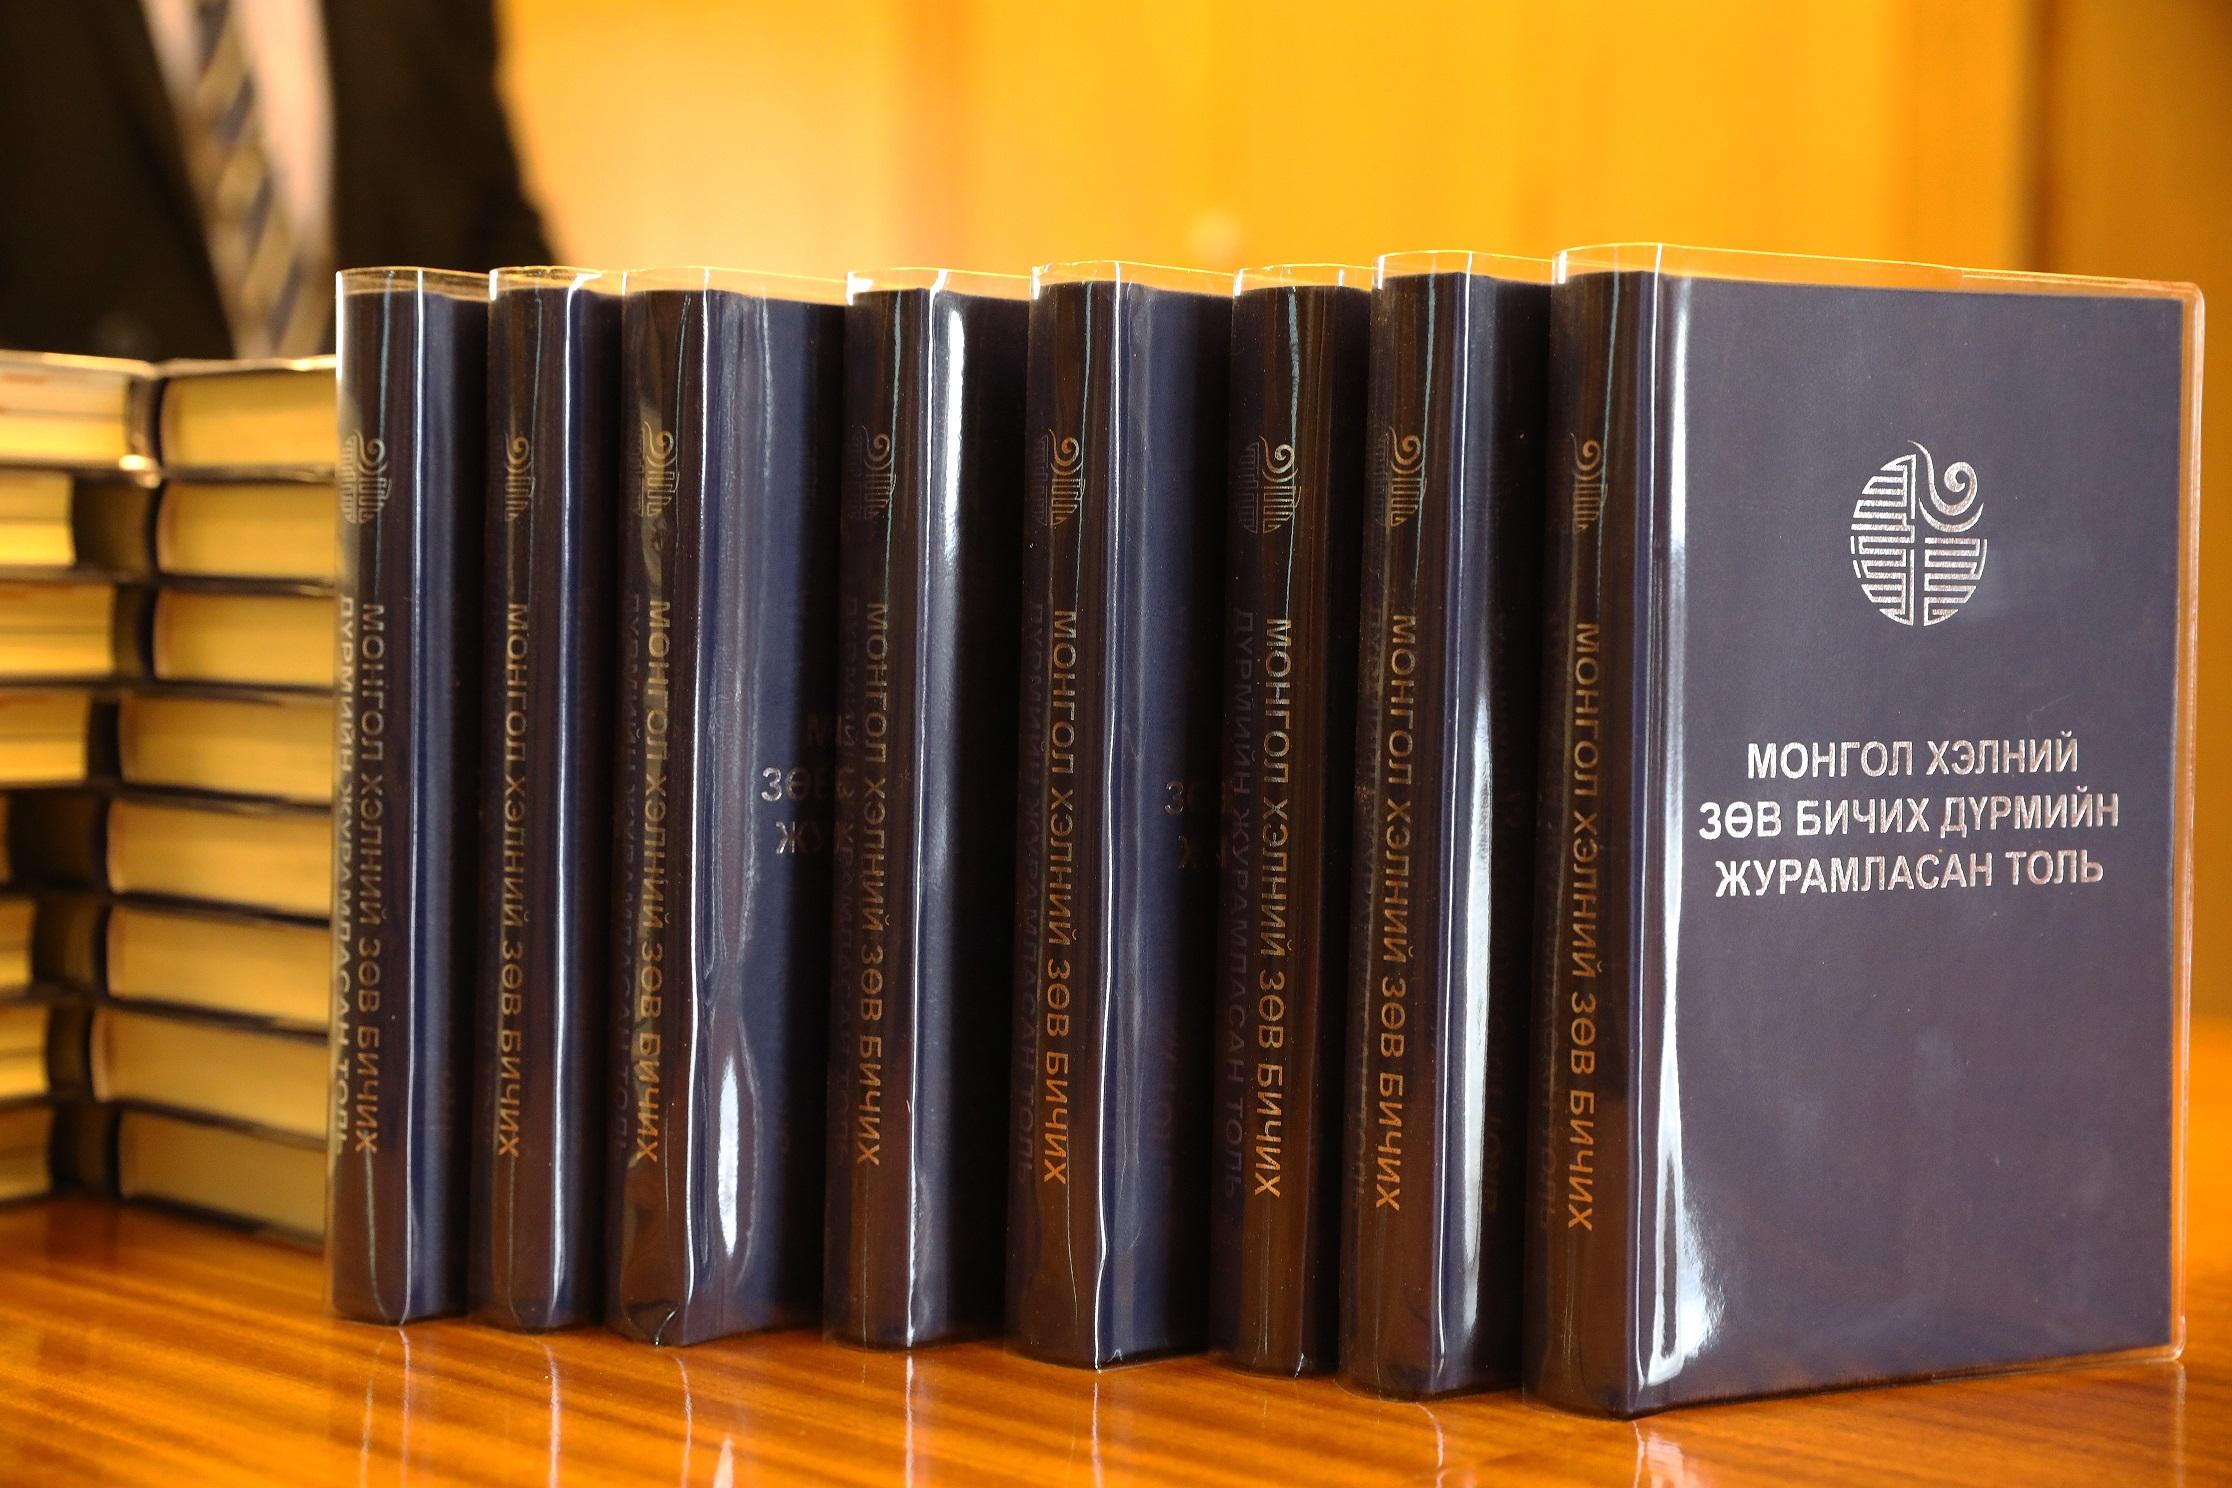 """""""Монгол хэлний зөв бичих дүрмийн журамласан толь"""" номын нээлт боллоо"""